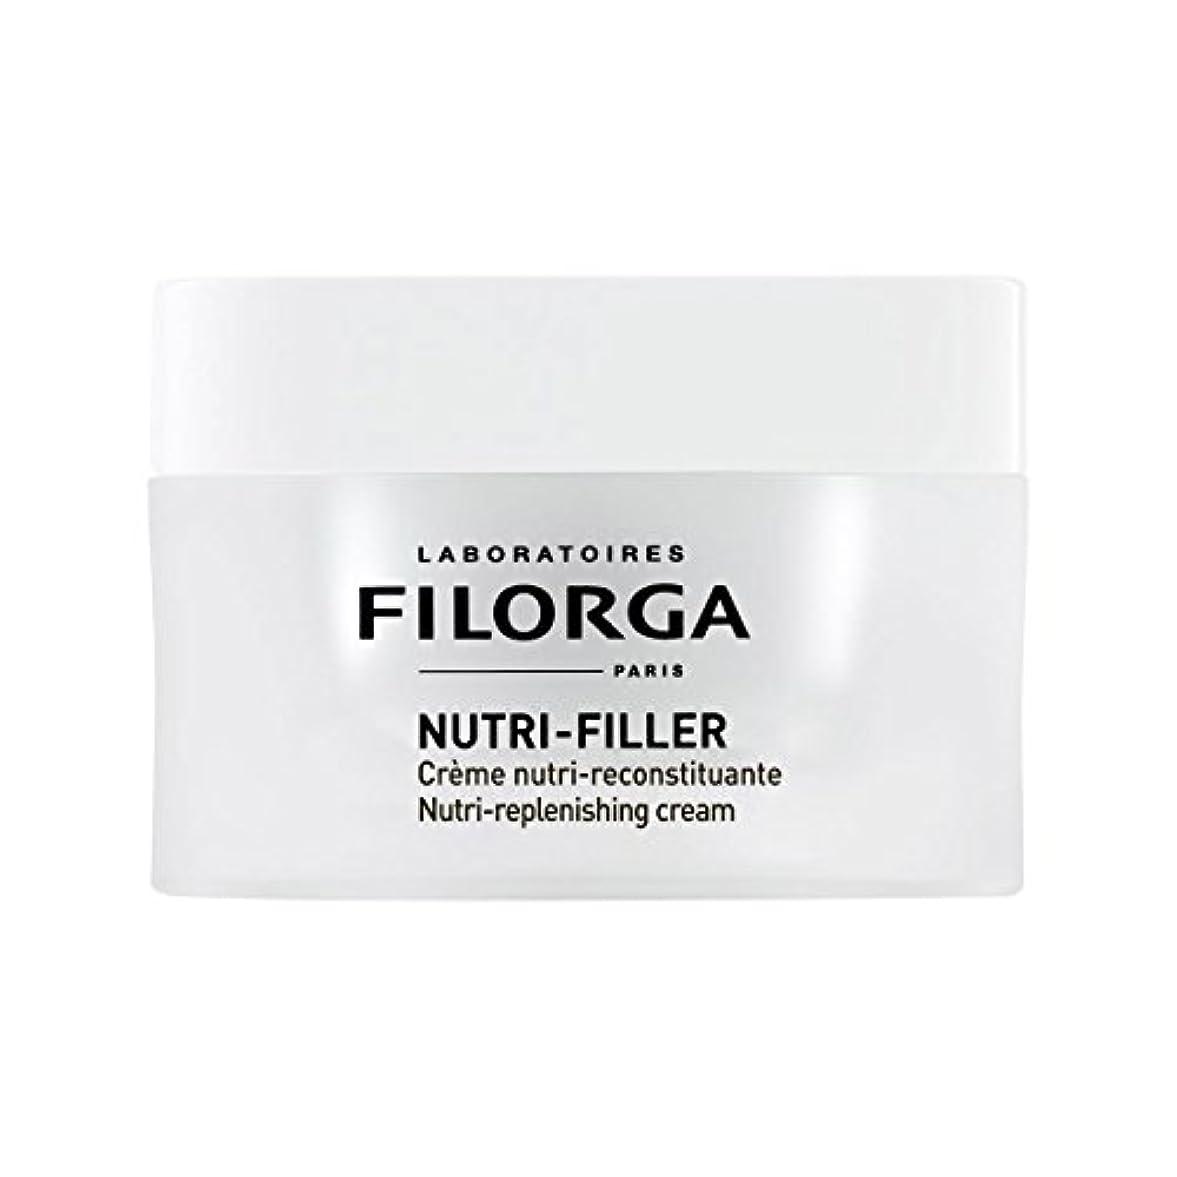 筋肉の警官作りますFilorga Nutri-filler Nutri-replenishing Cream 50ml [並行輸入品]